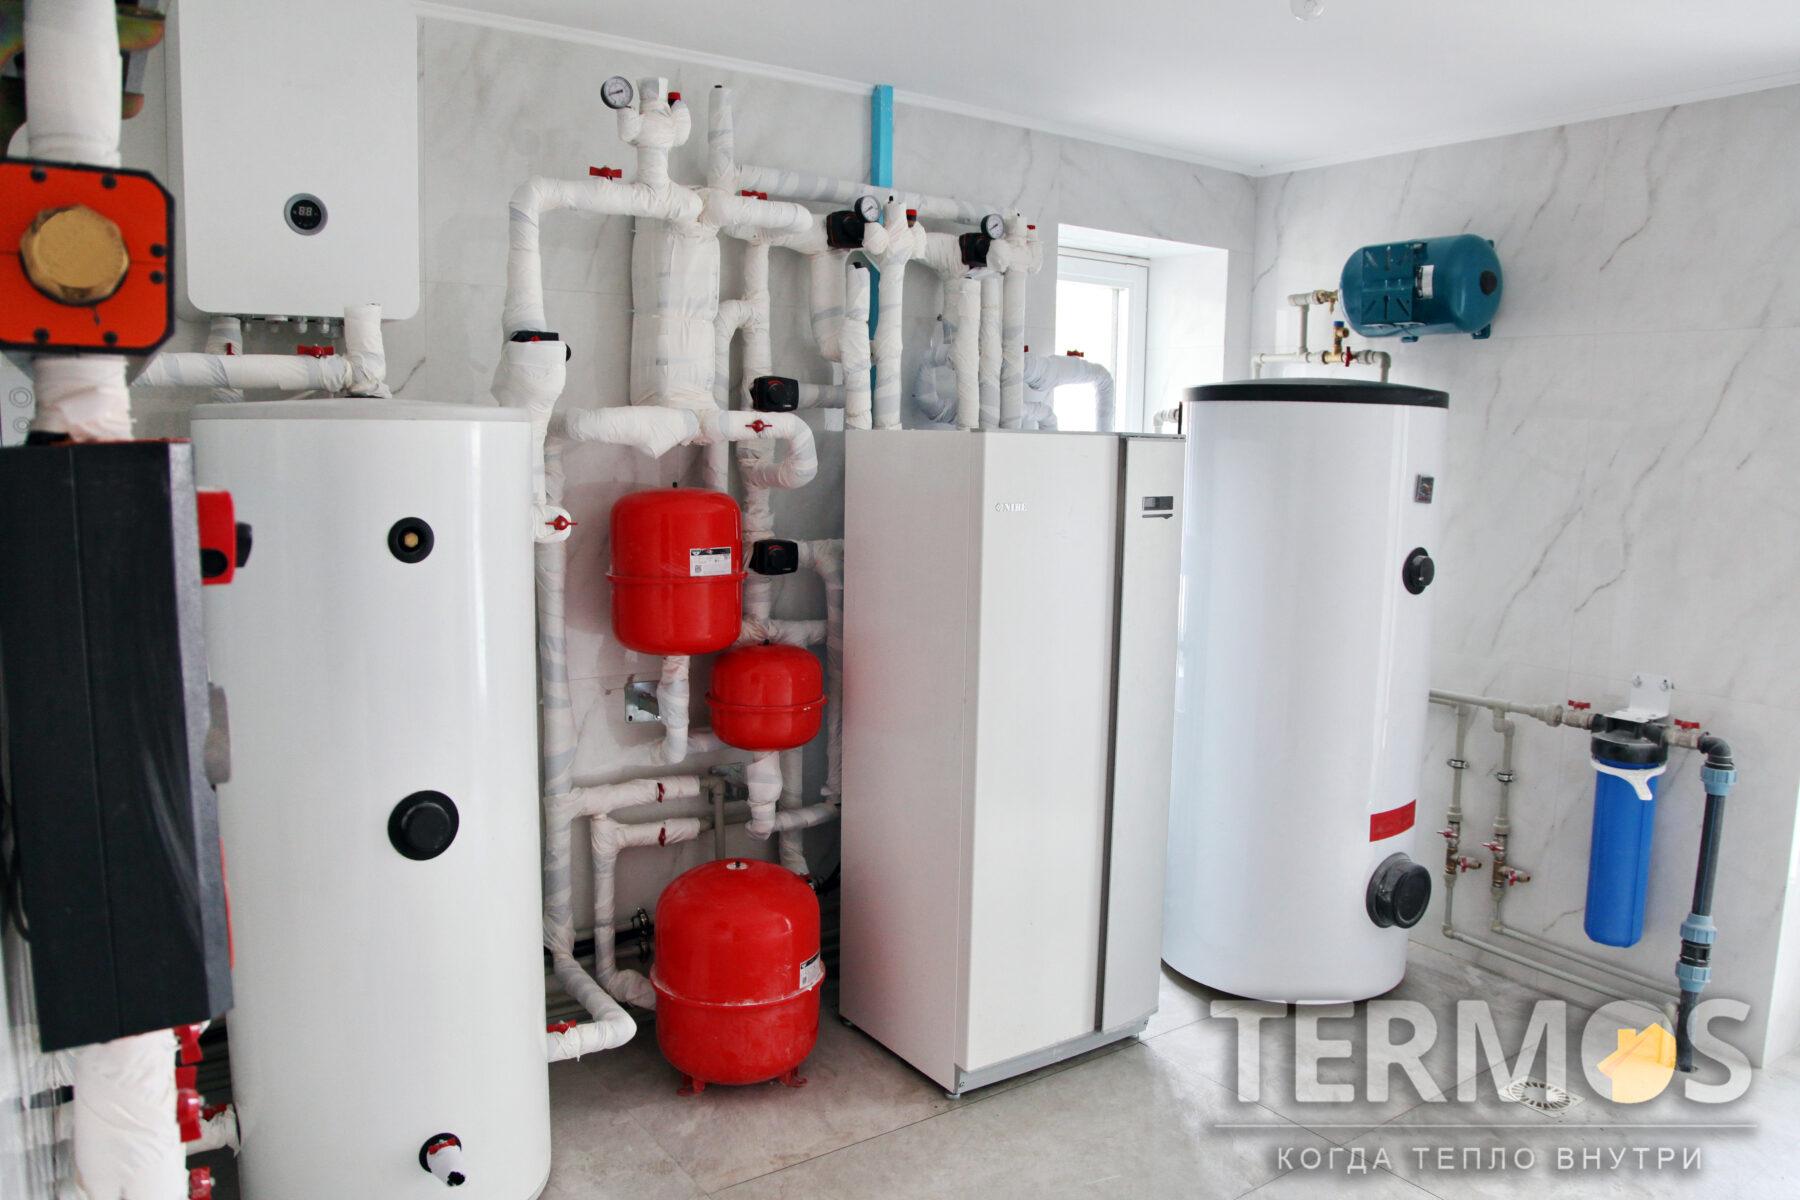 Плюты. Коттедж 280 м.кв. Приготовление воды в 300 литровом бойлере косвенного нагрева с увеличенной площадью теплообменника